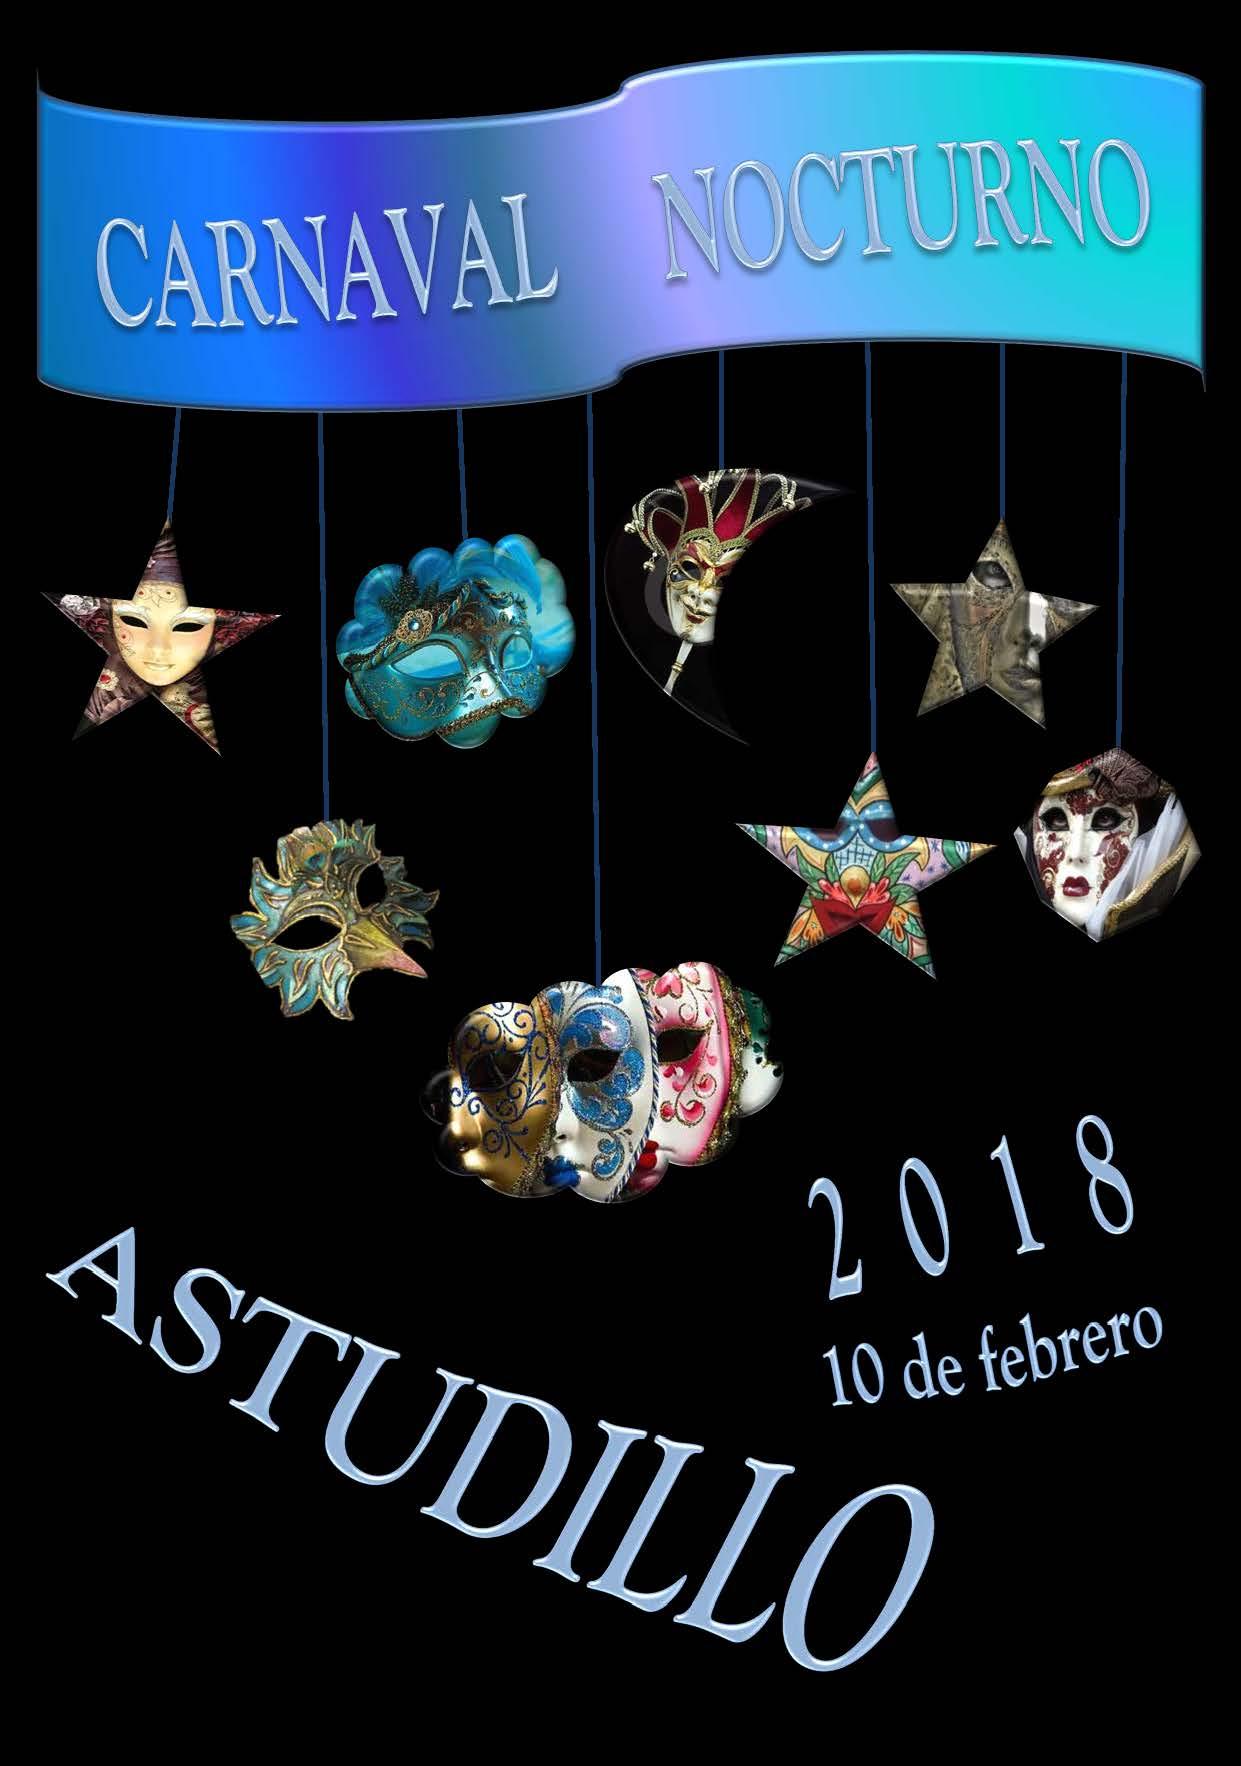 Carnaval Nocturno Astudillo 2018